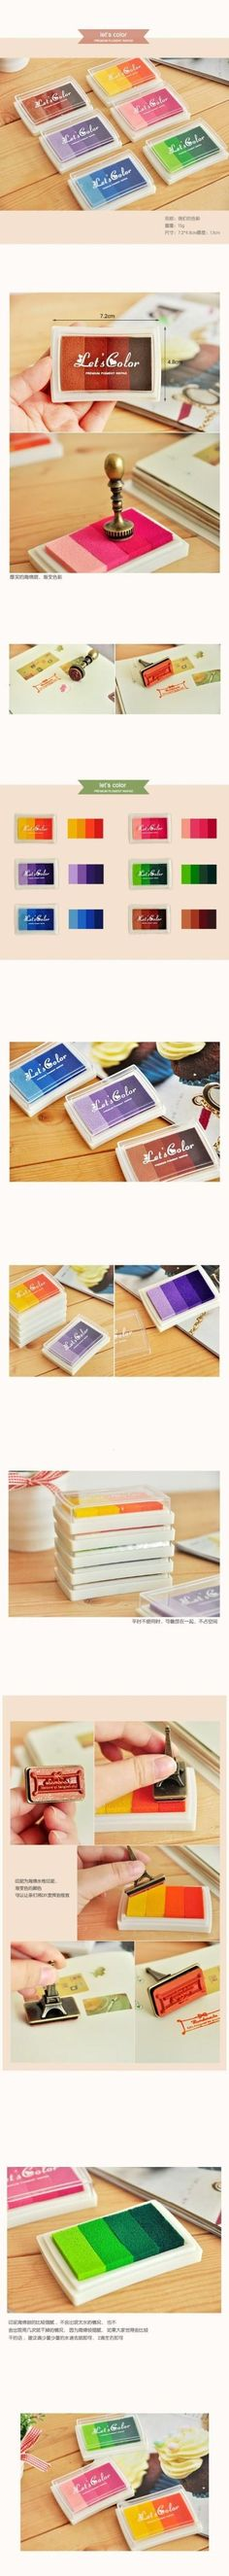 Multi Color de DIY gradiente de aceite conjunto de sello Ink Pad Inkpad Craft madera papel tela 6 scrapbooking material escolar oficina nueva en Sellos de Escuela y Oficina en AliExpress.com | Alibaba Group